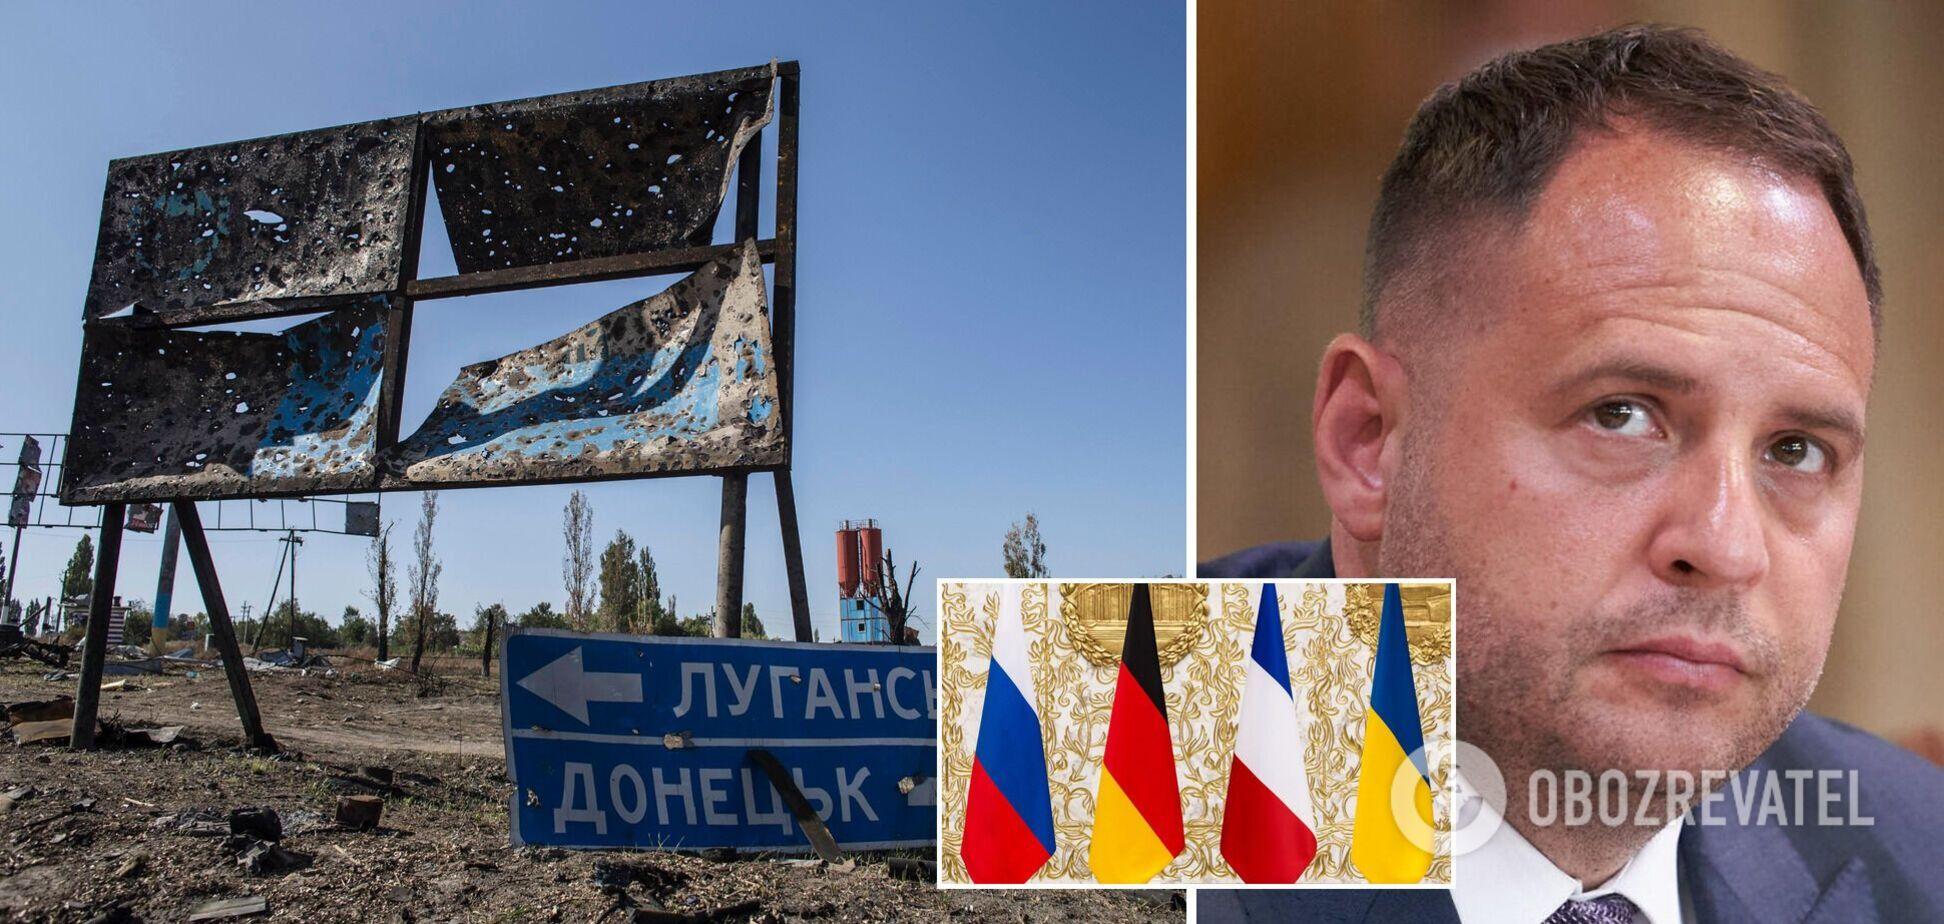 В офисе Зеленского инициировали срочную встречу по Донбассу и призвали G7 повлиять на Россию